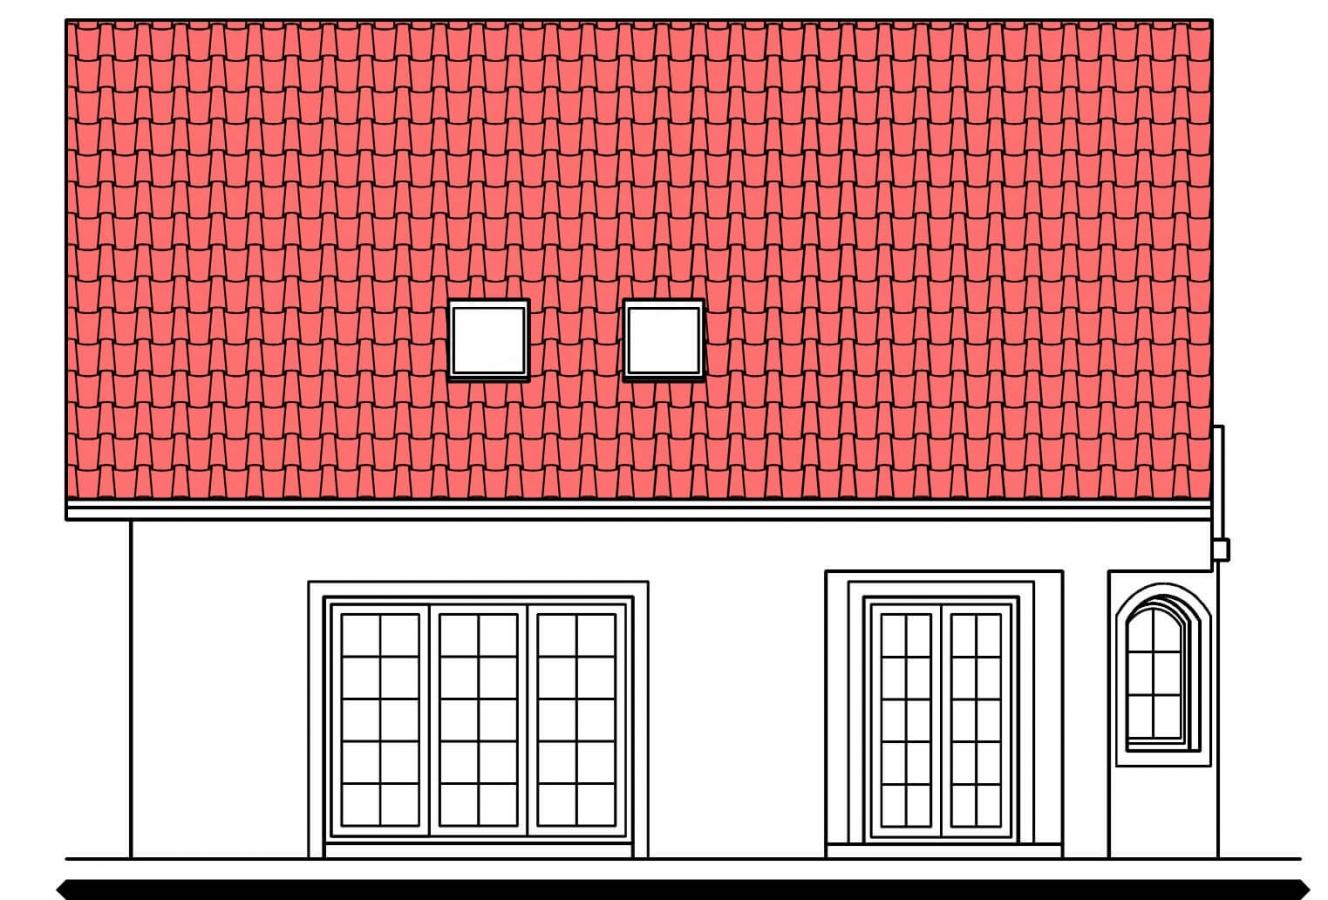 Pohľad 3. - Projekt podkrovného domu s krytou terasou